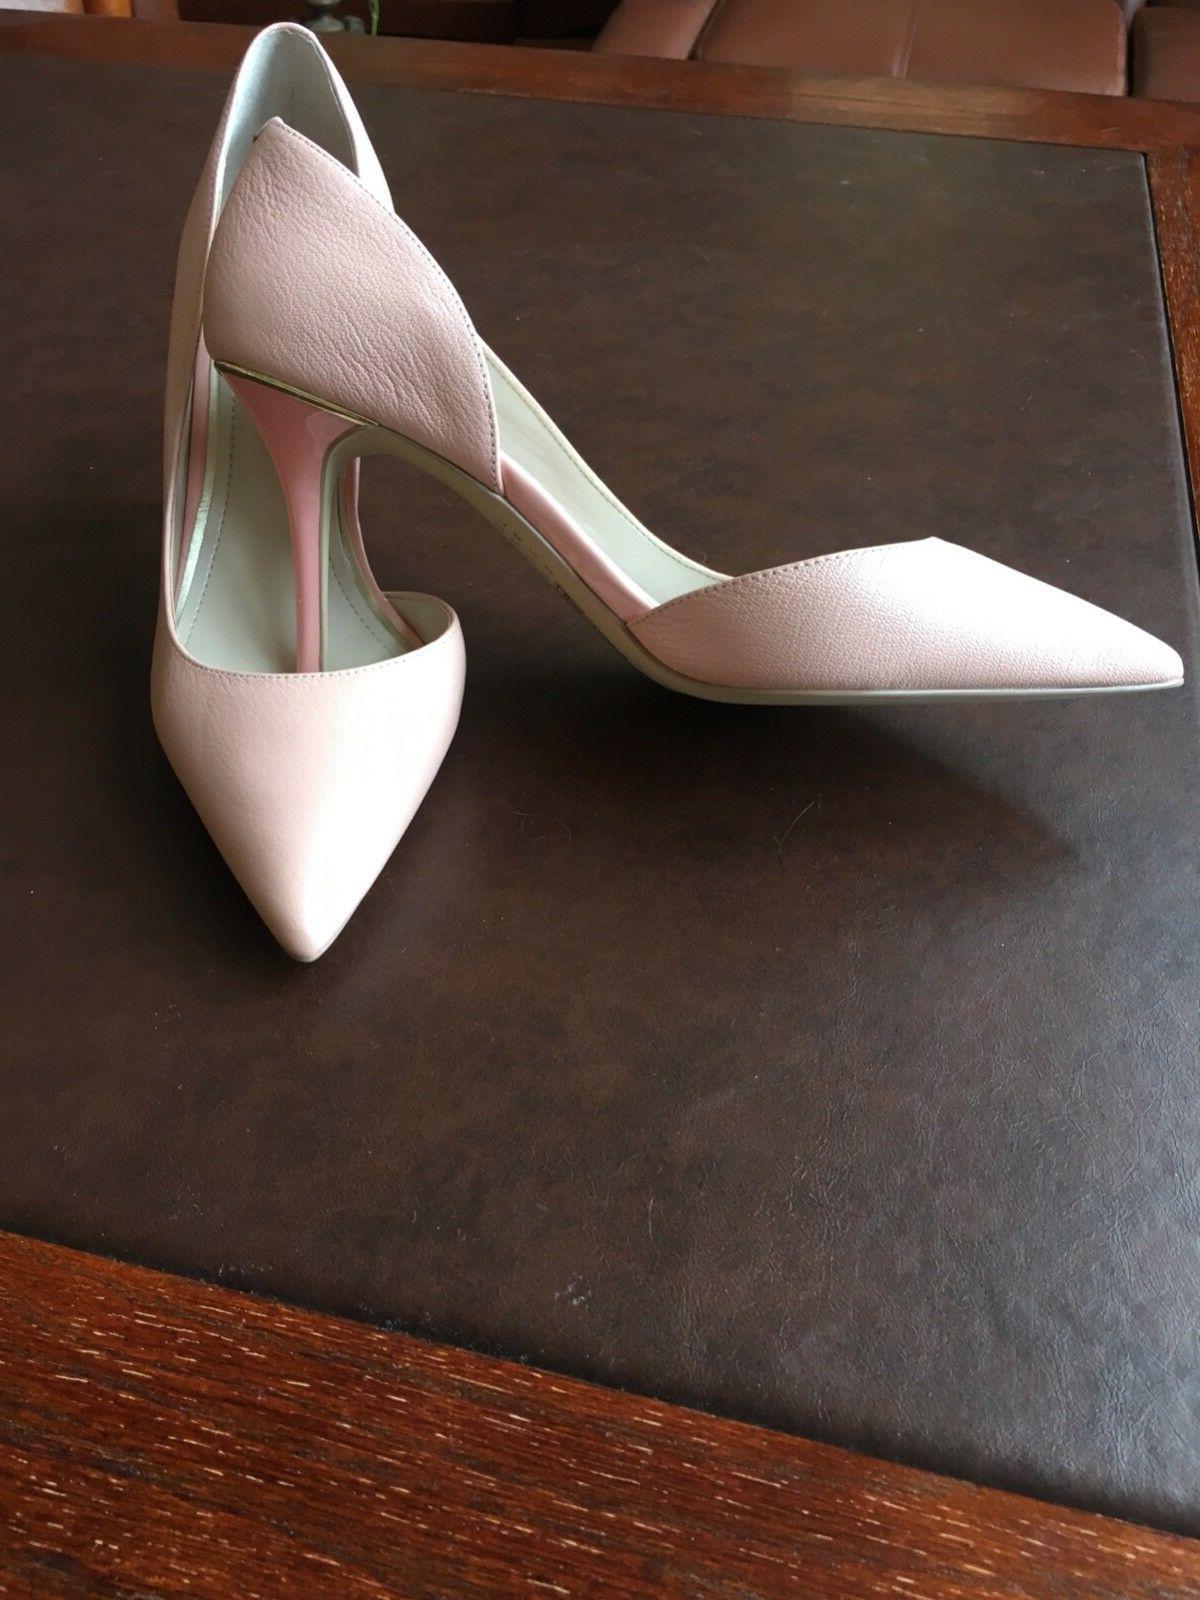 Women's shoes worn